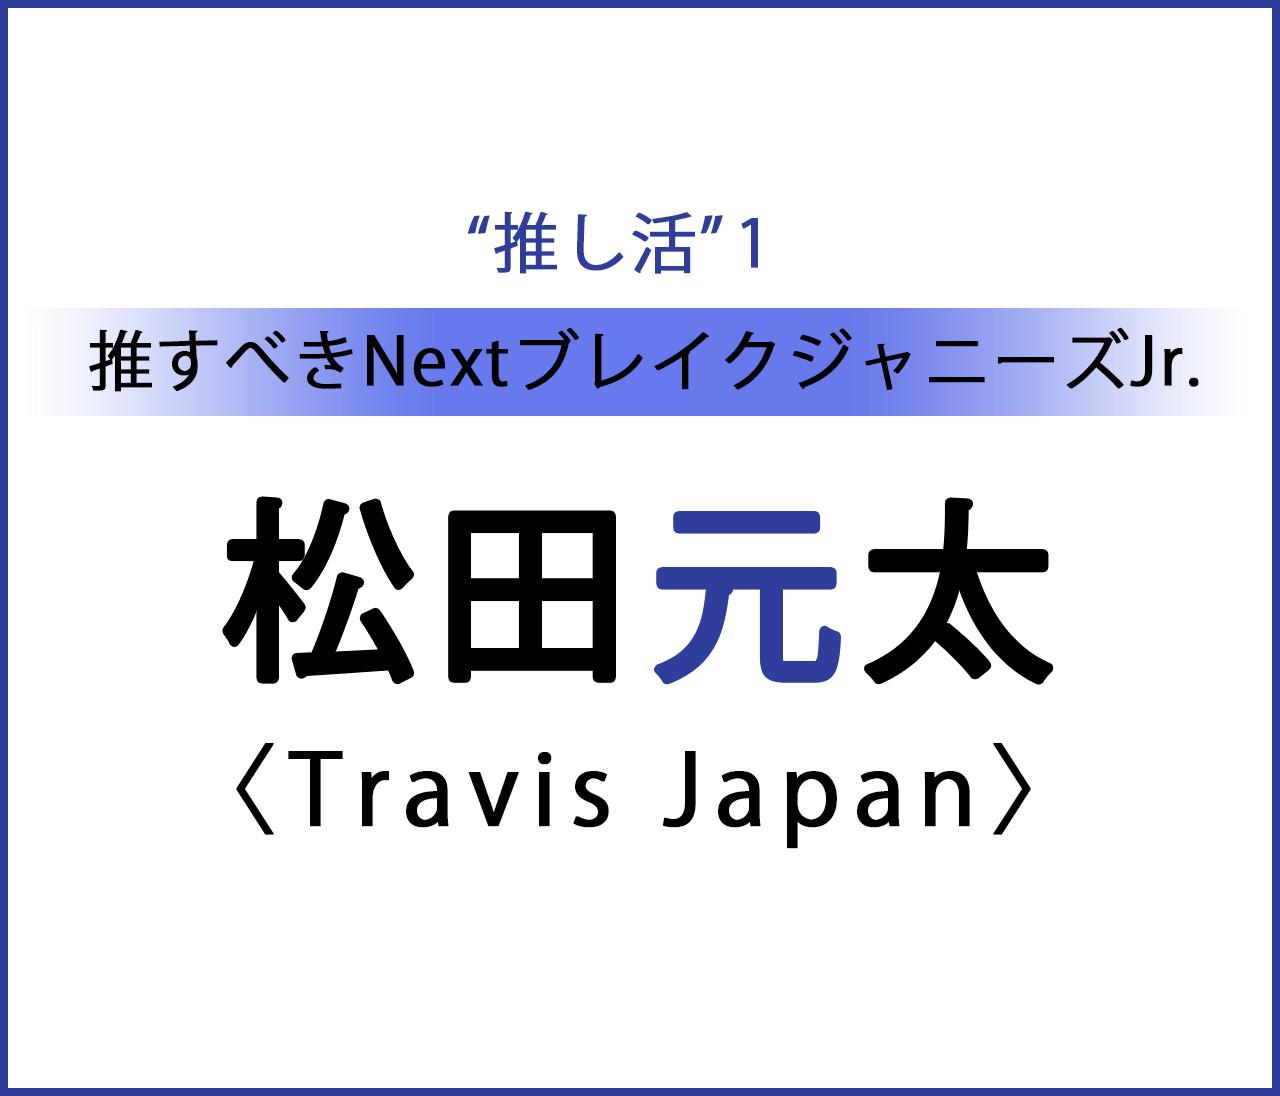 【推すべきNextブレイクジャニーズJr.】 #TravisJapan #松田元太 インタビュー